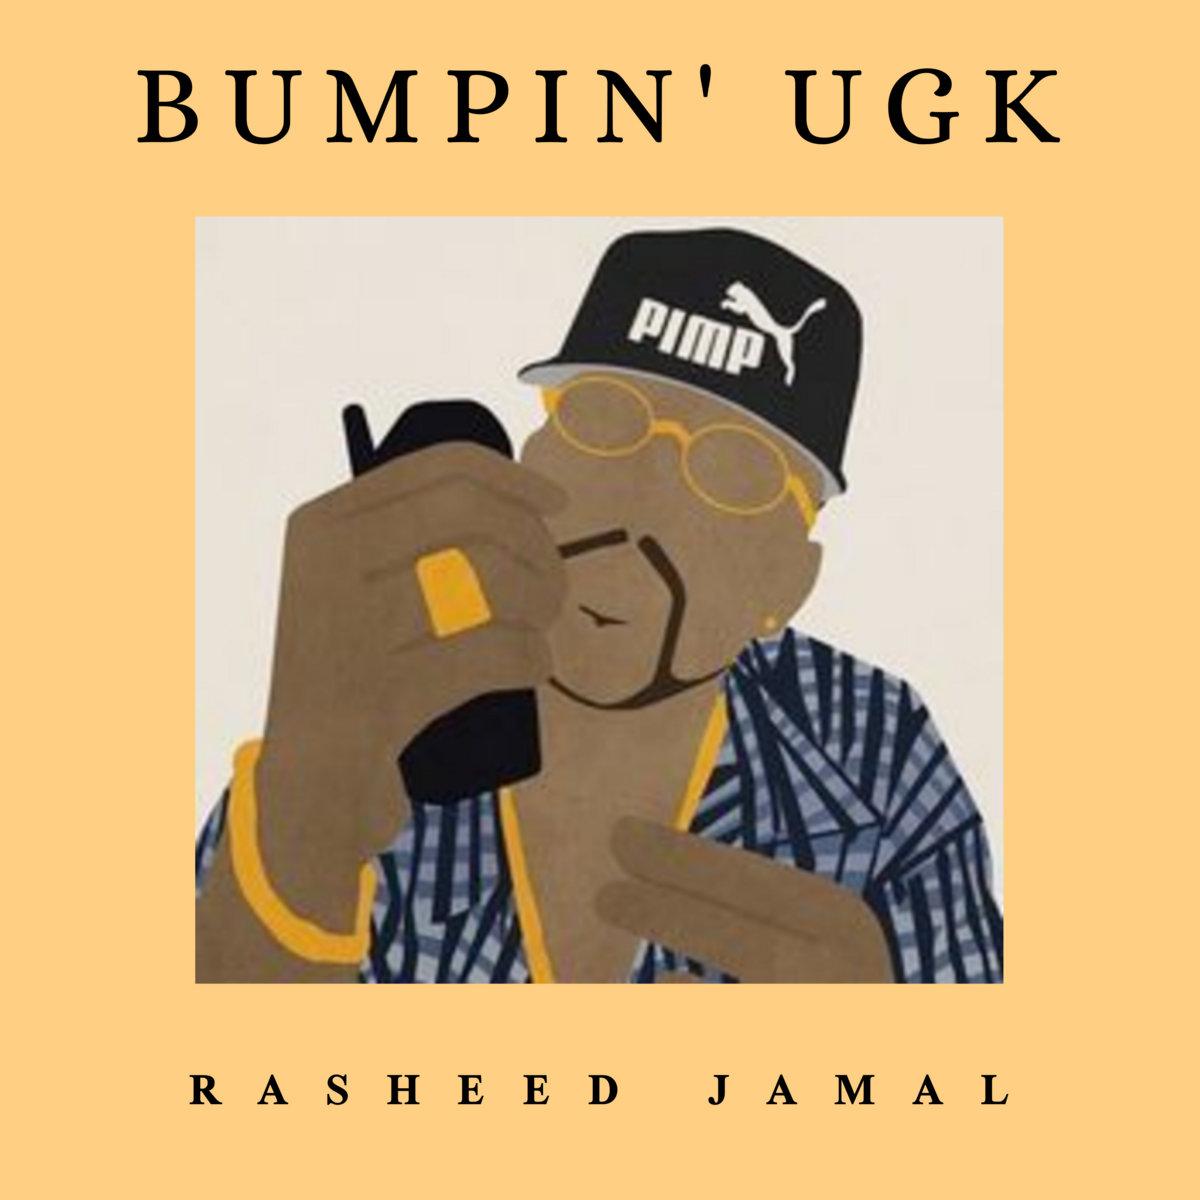 Bumpin' UGK | Rasheed Jamal